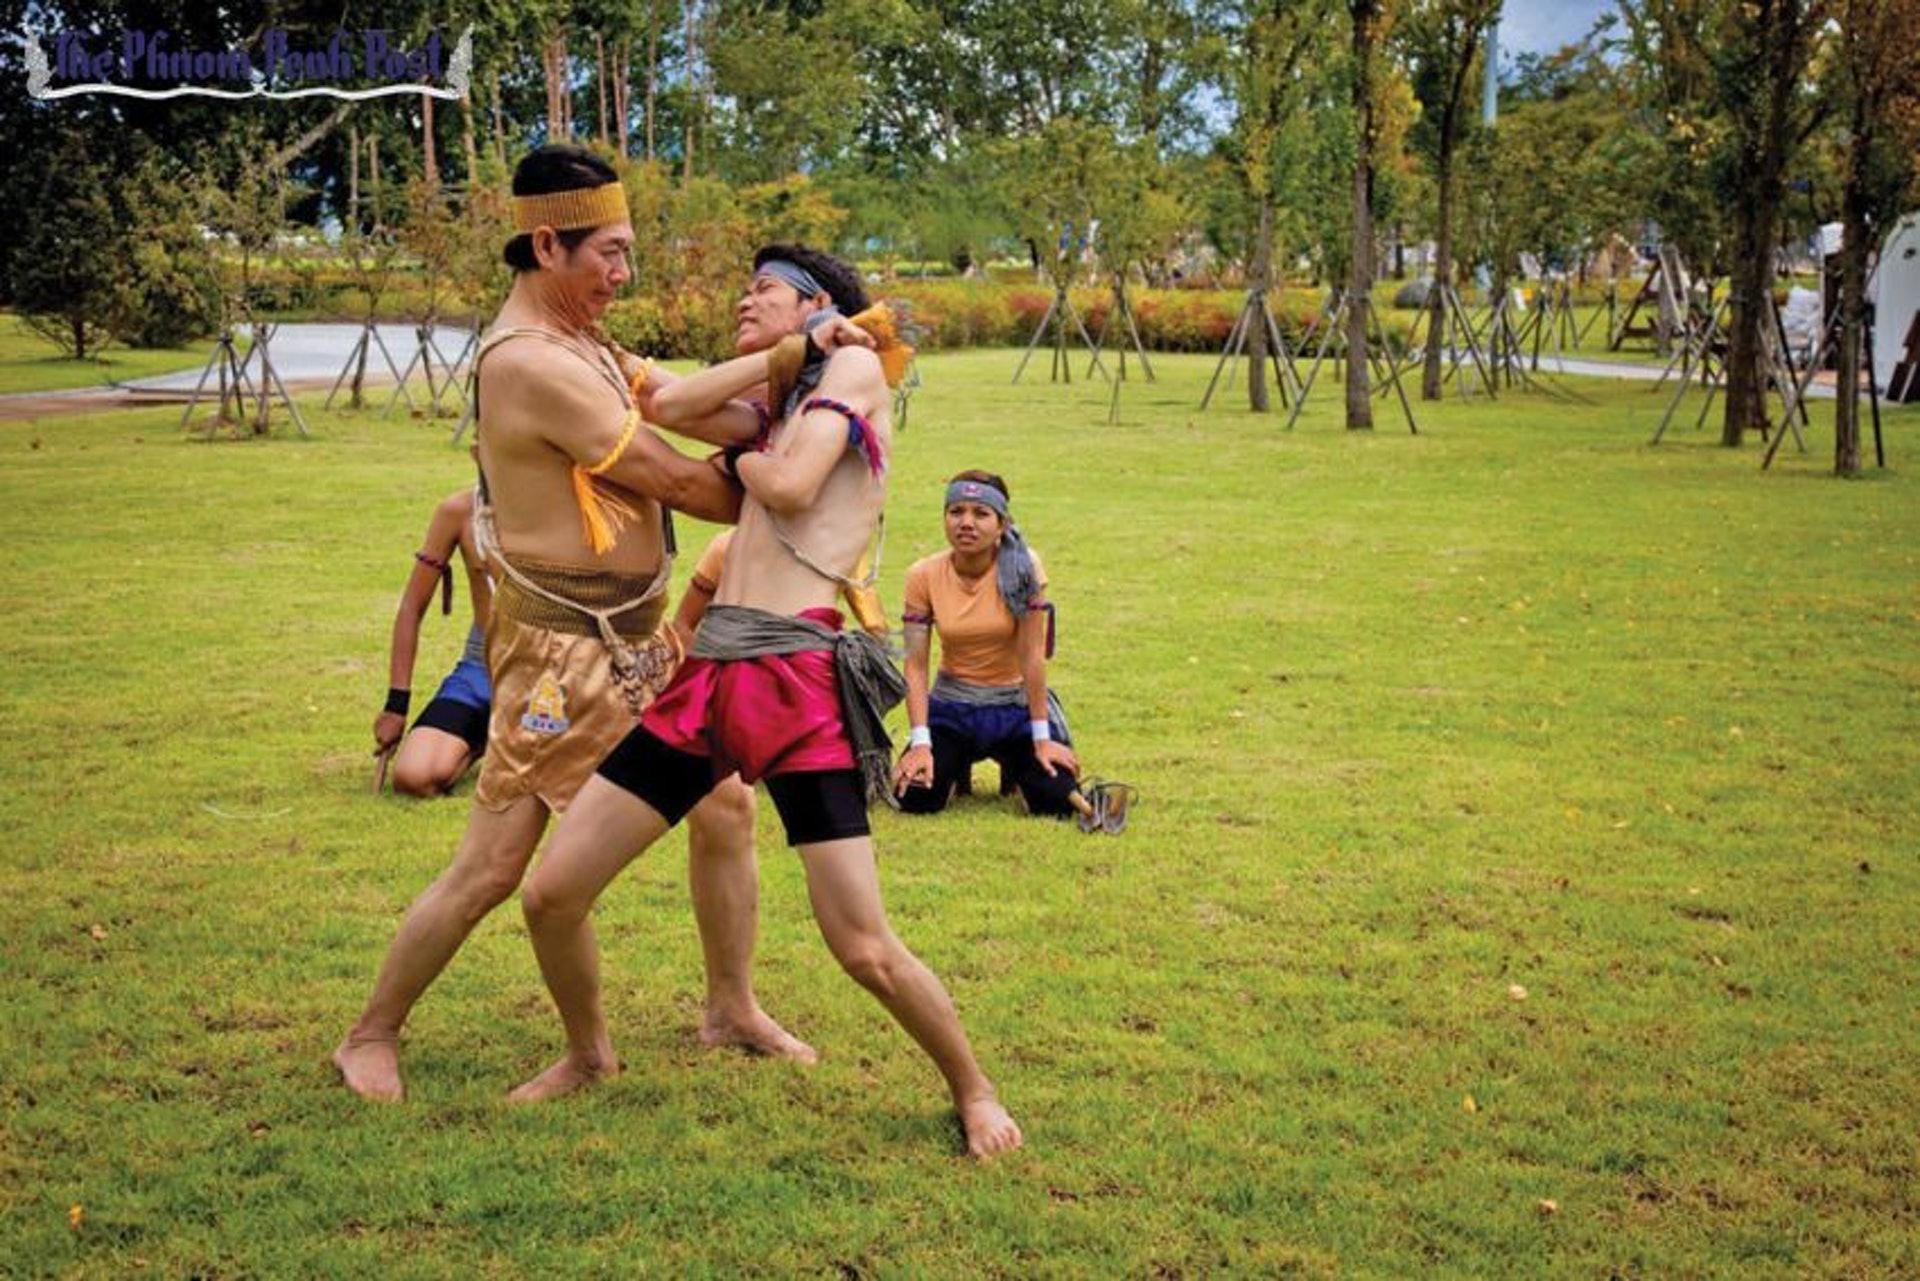 柬埔寨拳的复兴之父